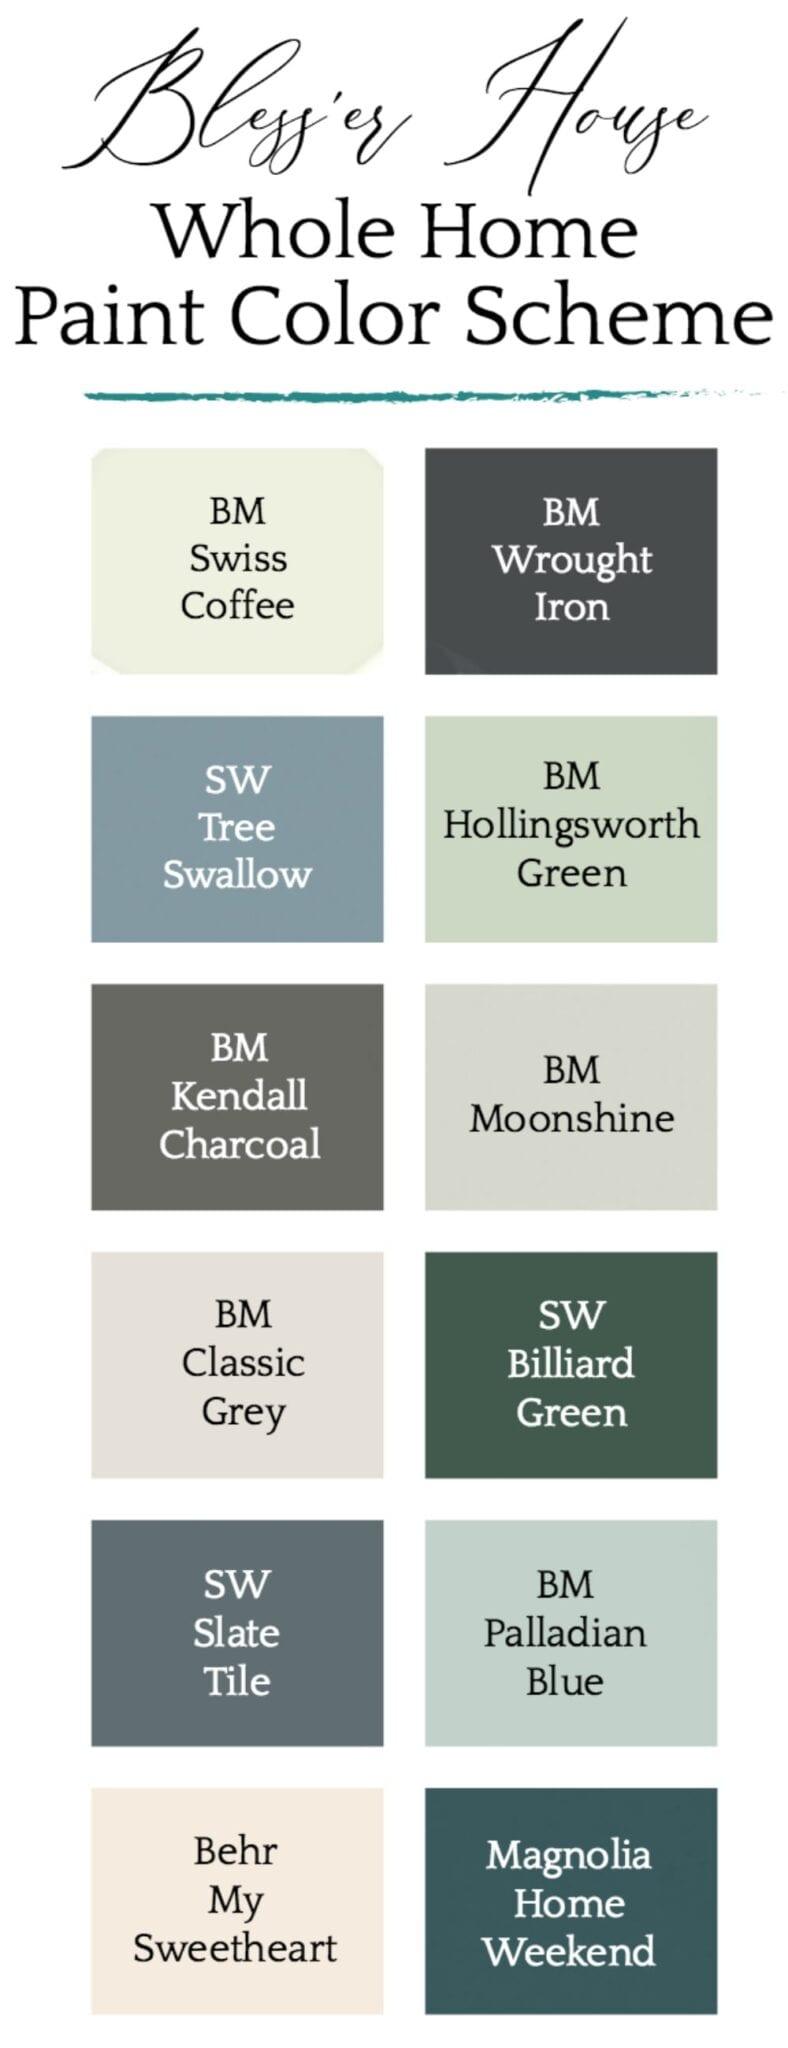 Our Whole House Paint Color Scheme Bless Er House